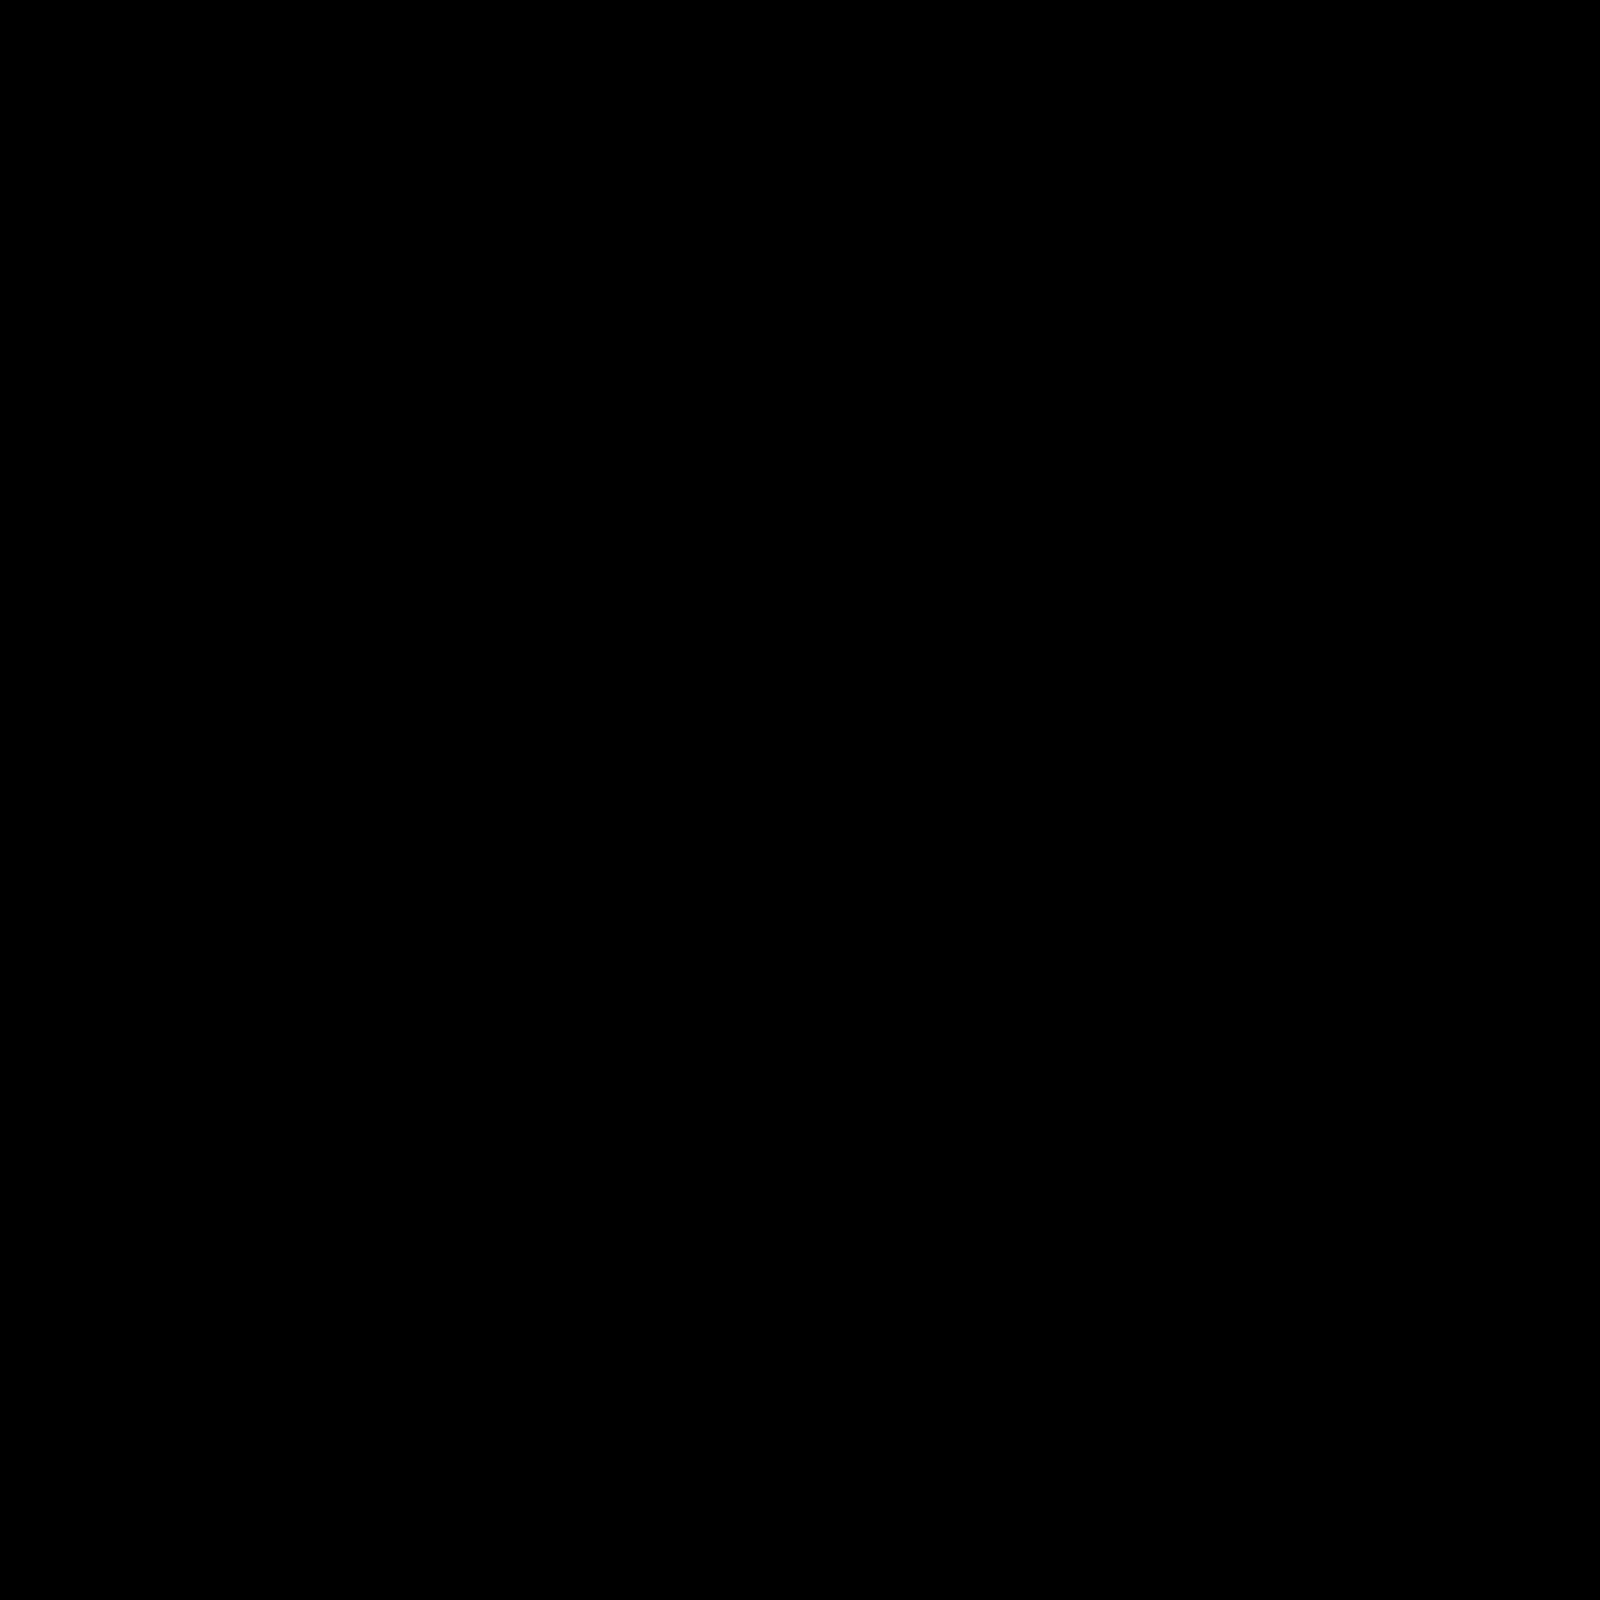 Maleta de primeiros-socorros icon